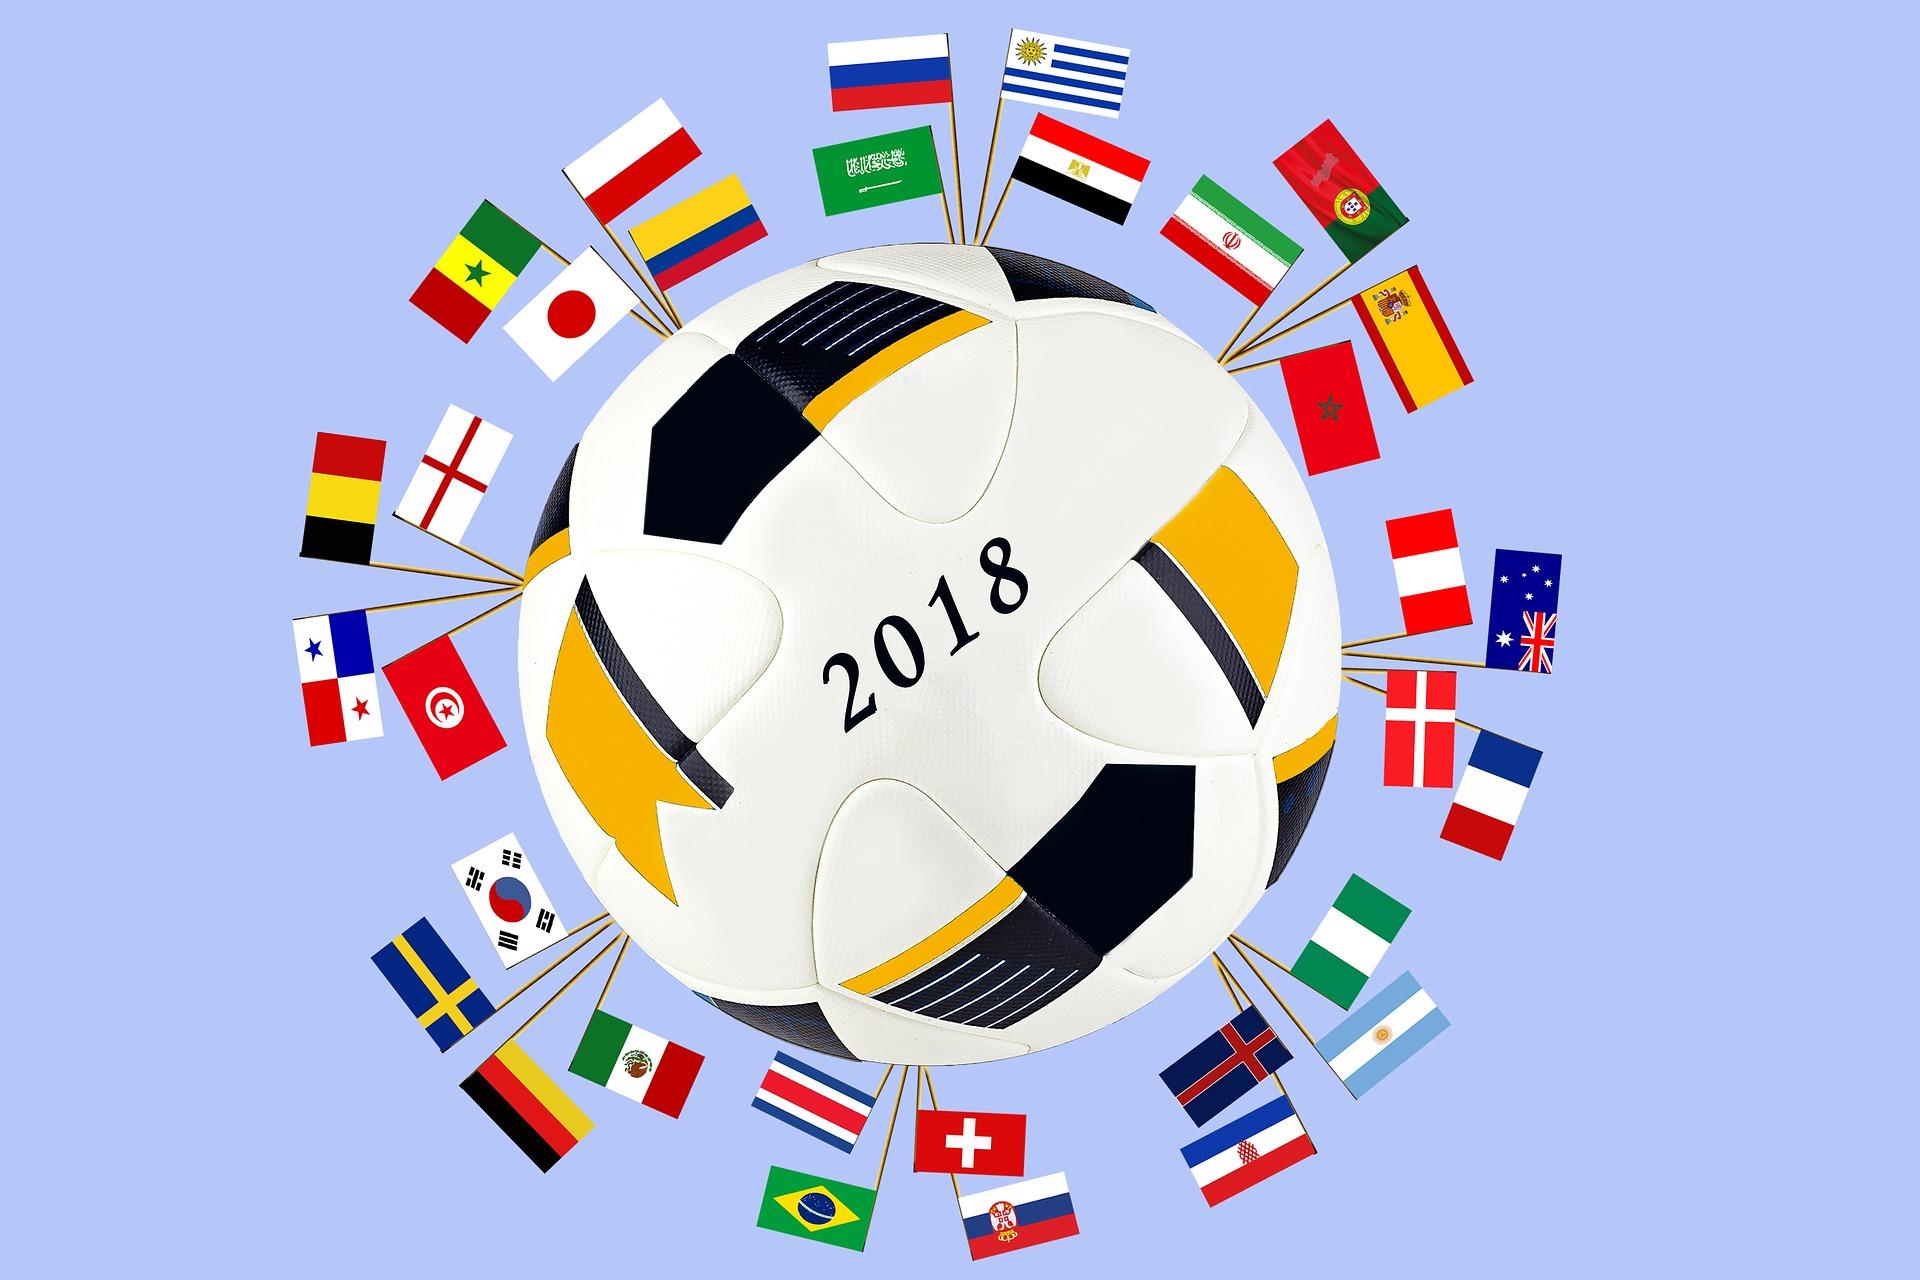 Matrosen-Tippspiel zur WM 2018  – Frankreich ist Welt- und Jonas Jesse Tippmeister